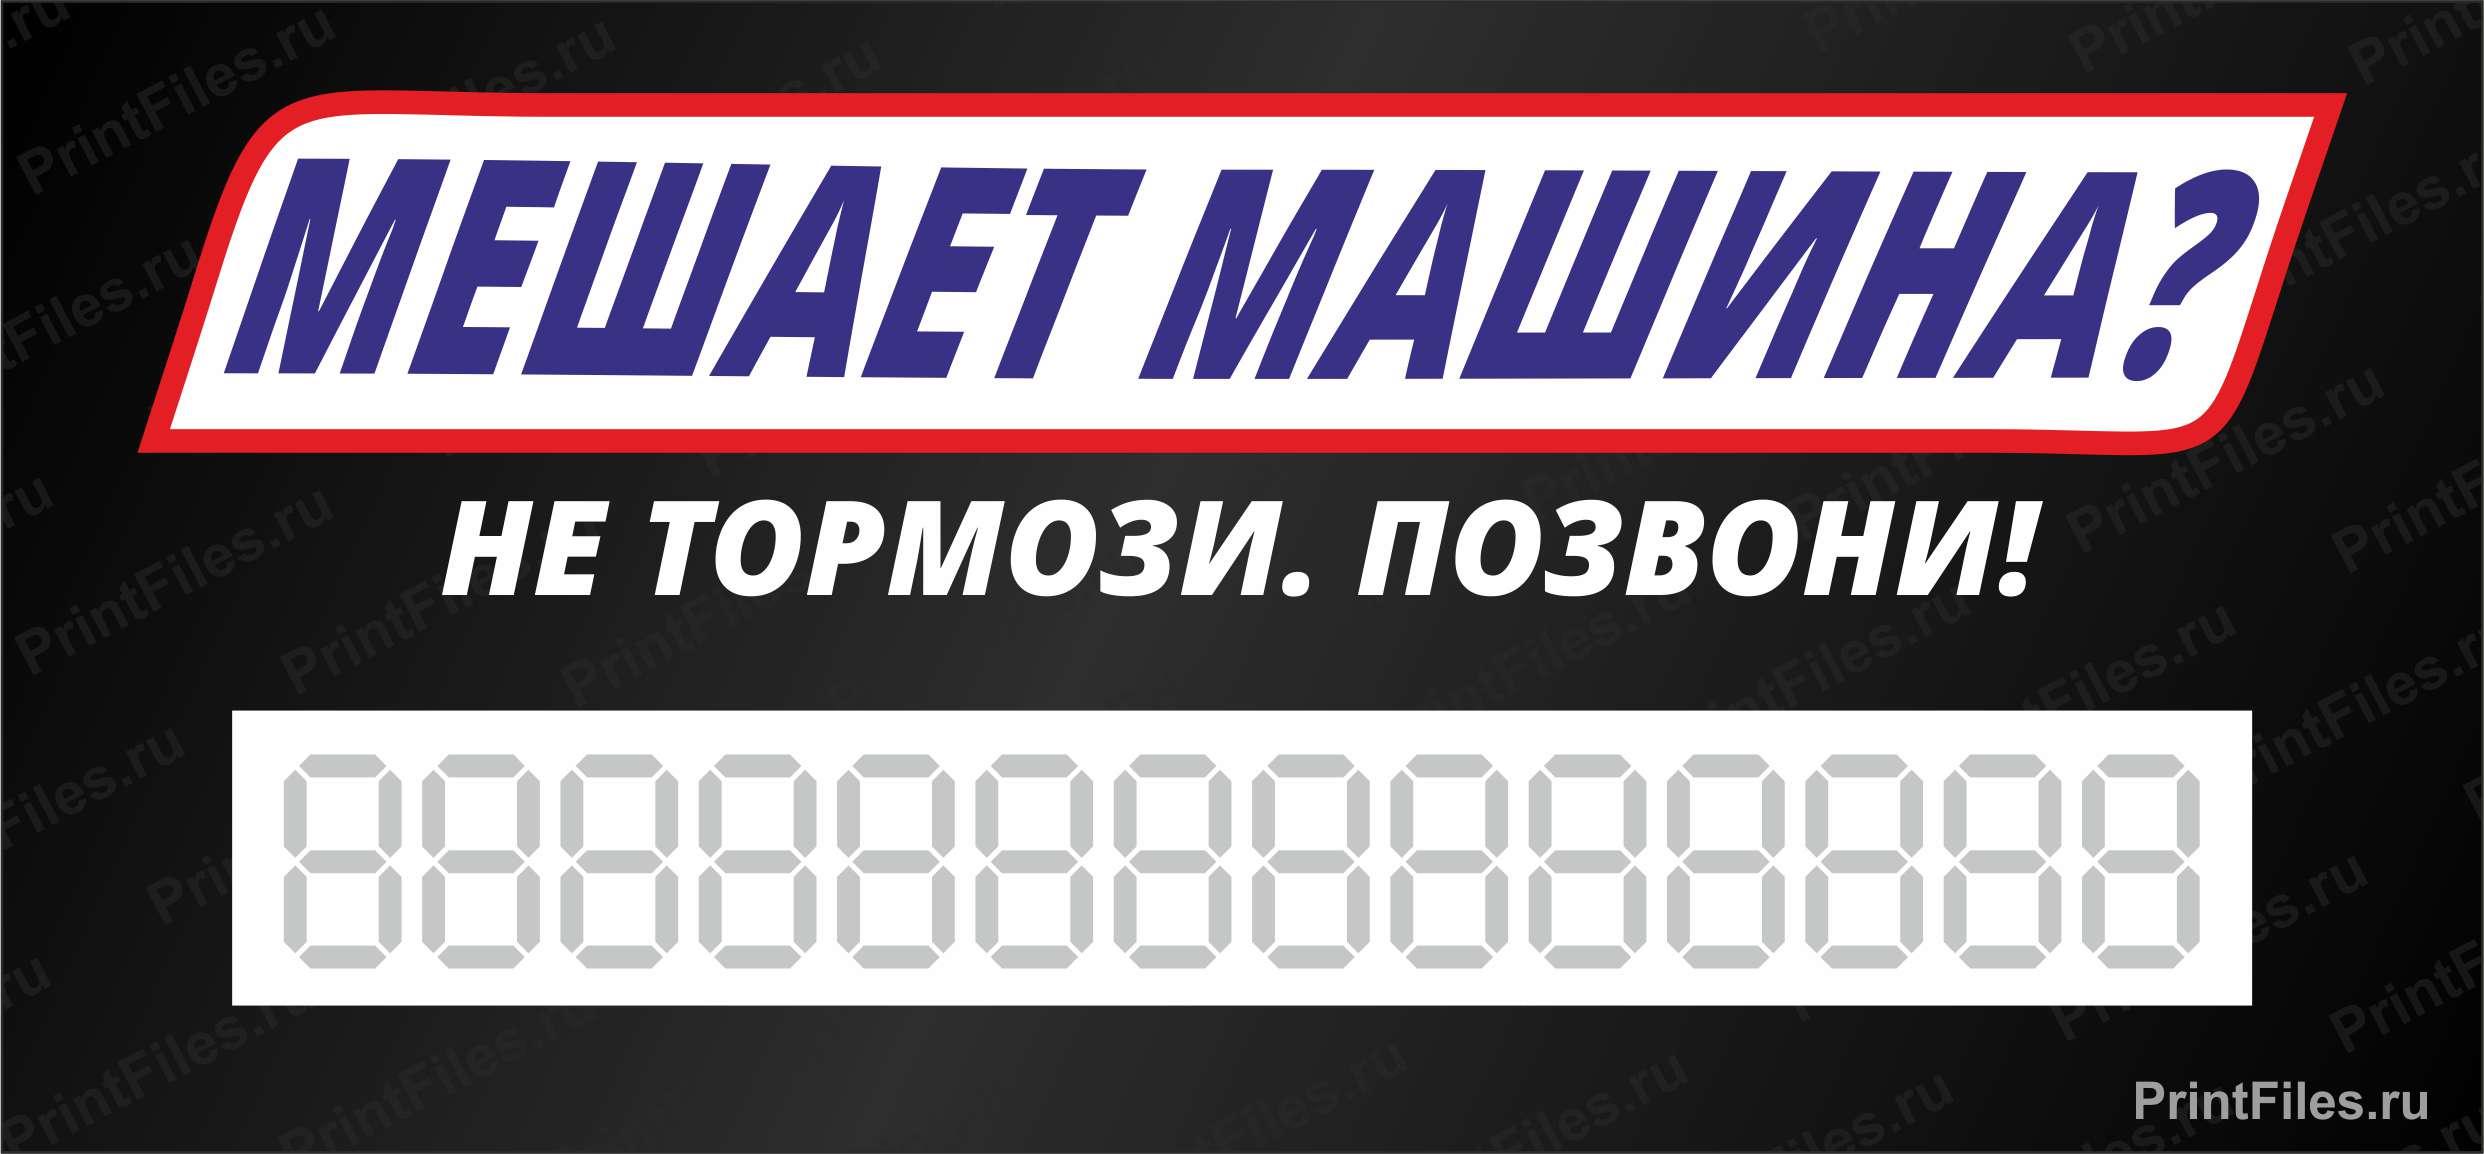 Картинки номер телефона для машины всегда